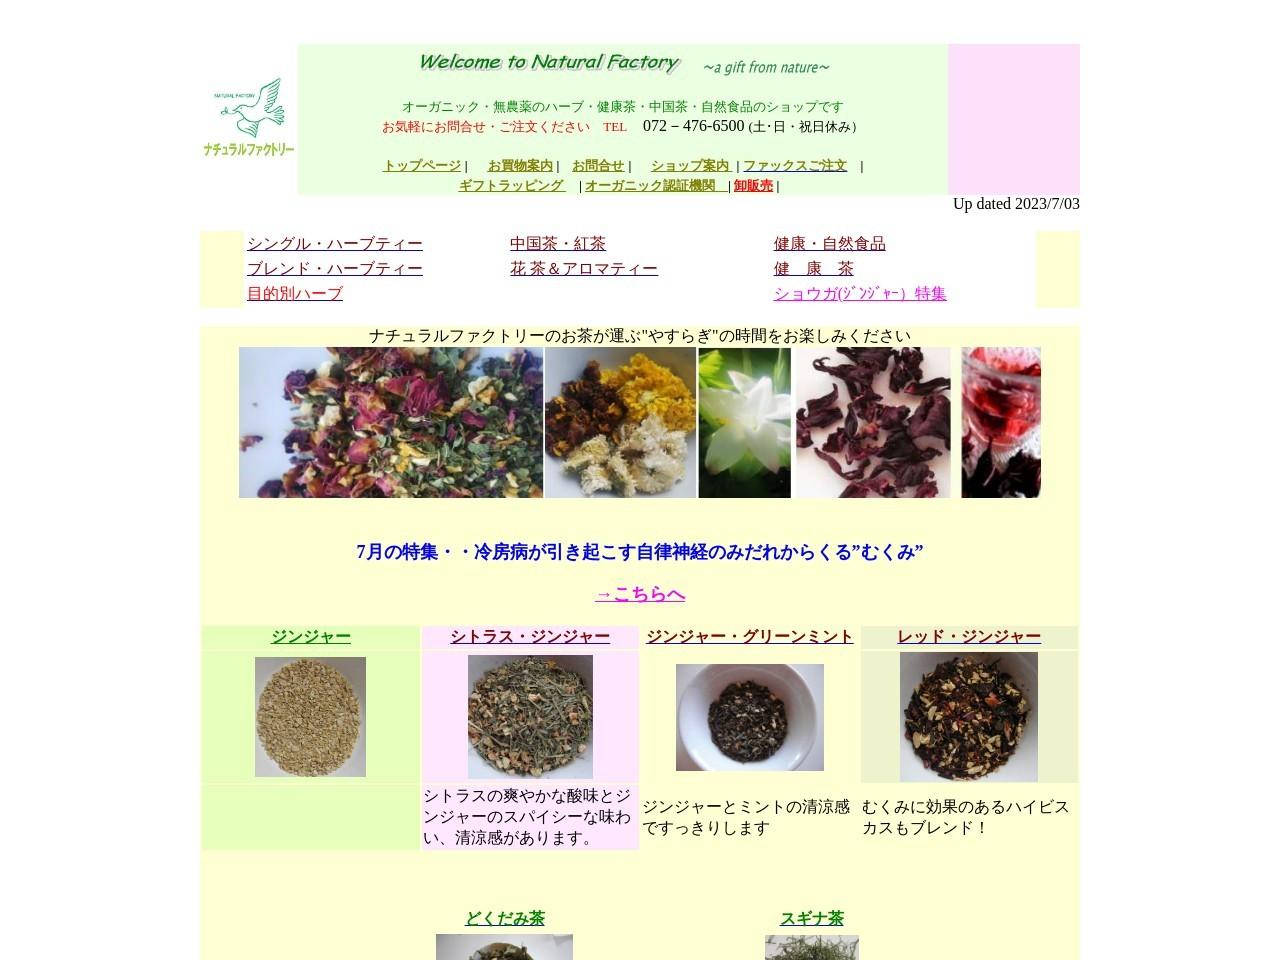 ナチュラルファクトリーはオーガニックハーブティー,健康茶、中国茶、自然食品のショップです